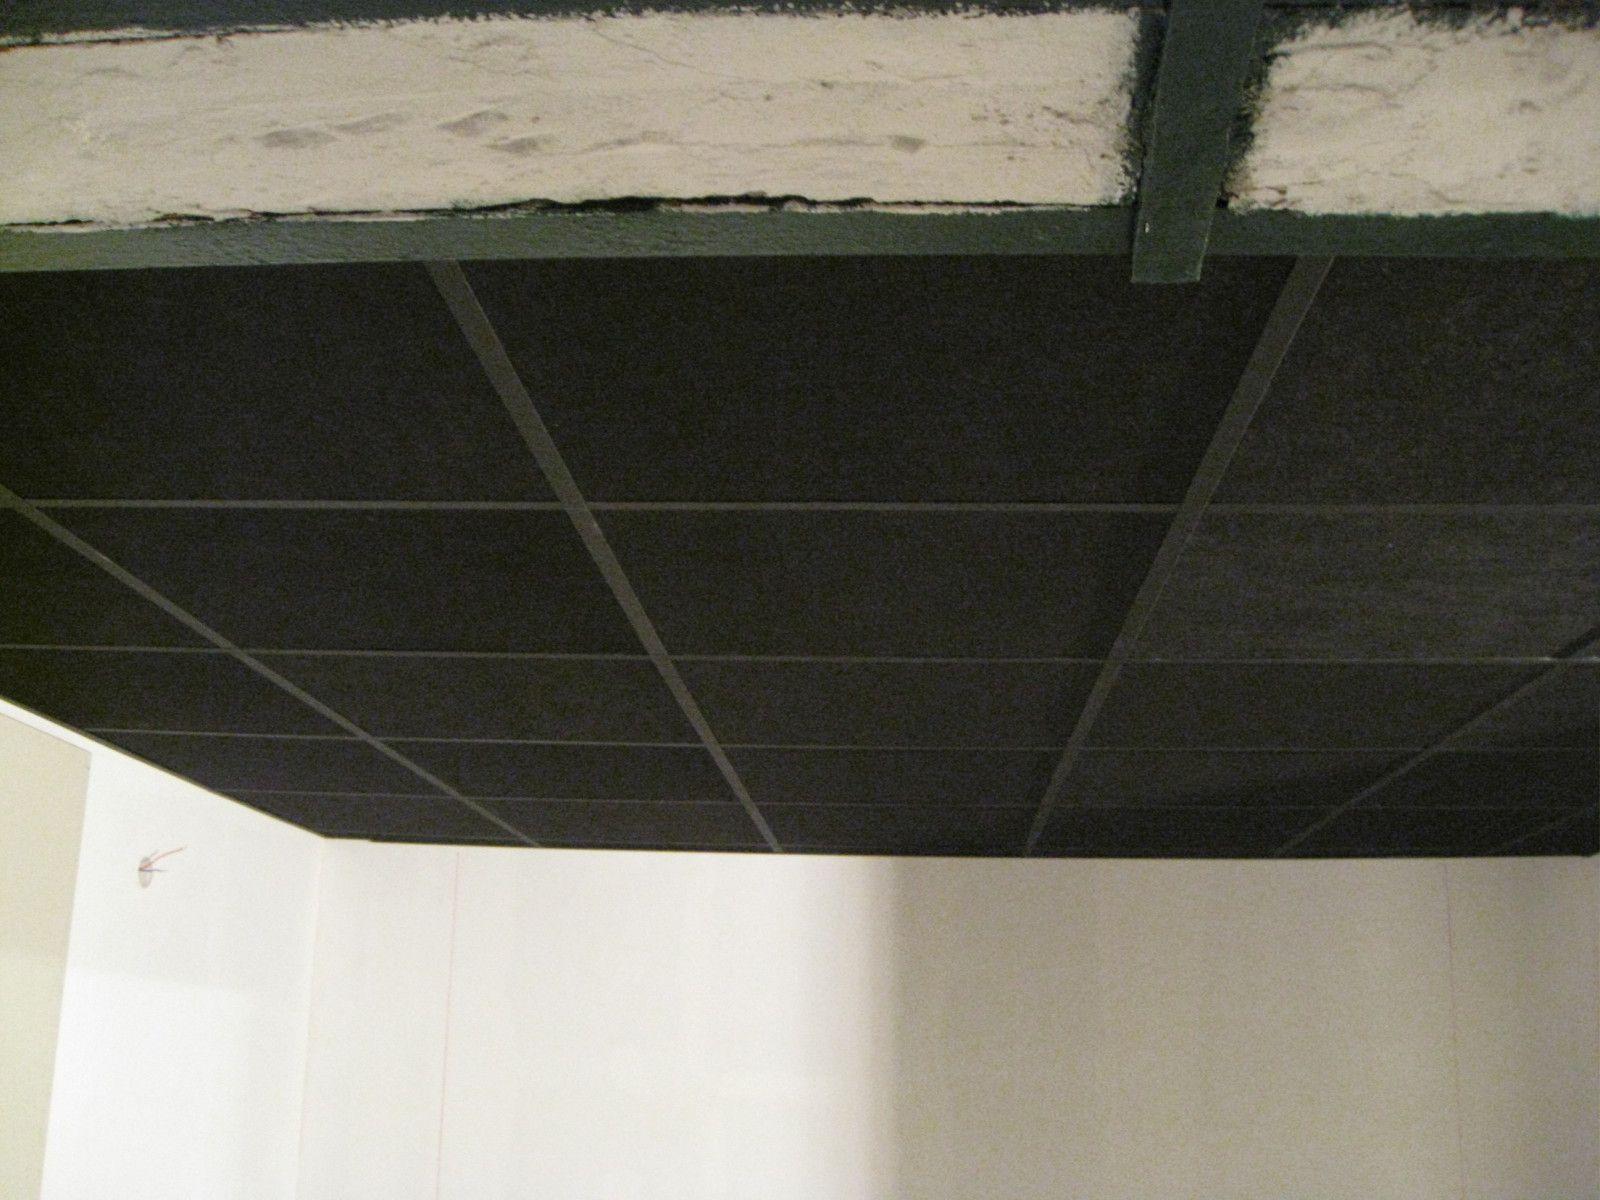 Plafond et difficult s associ es a la conqu te d 39 un r ve - Plafond pour percevoir l apl ...